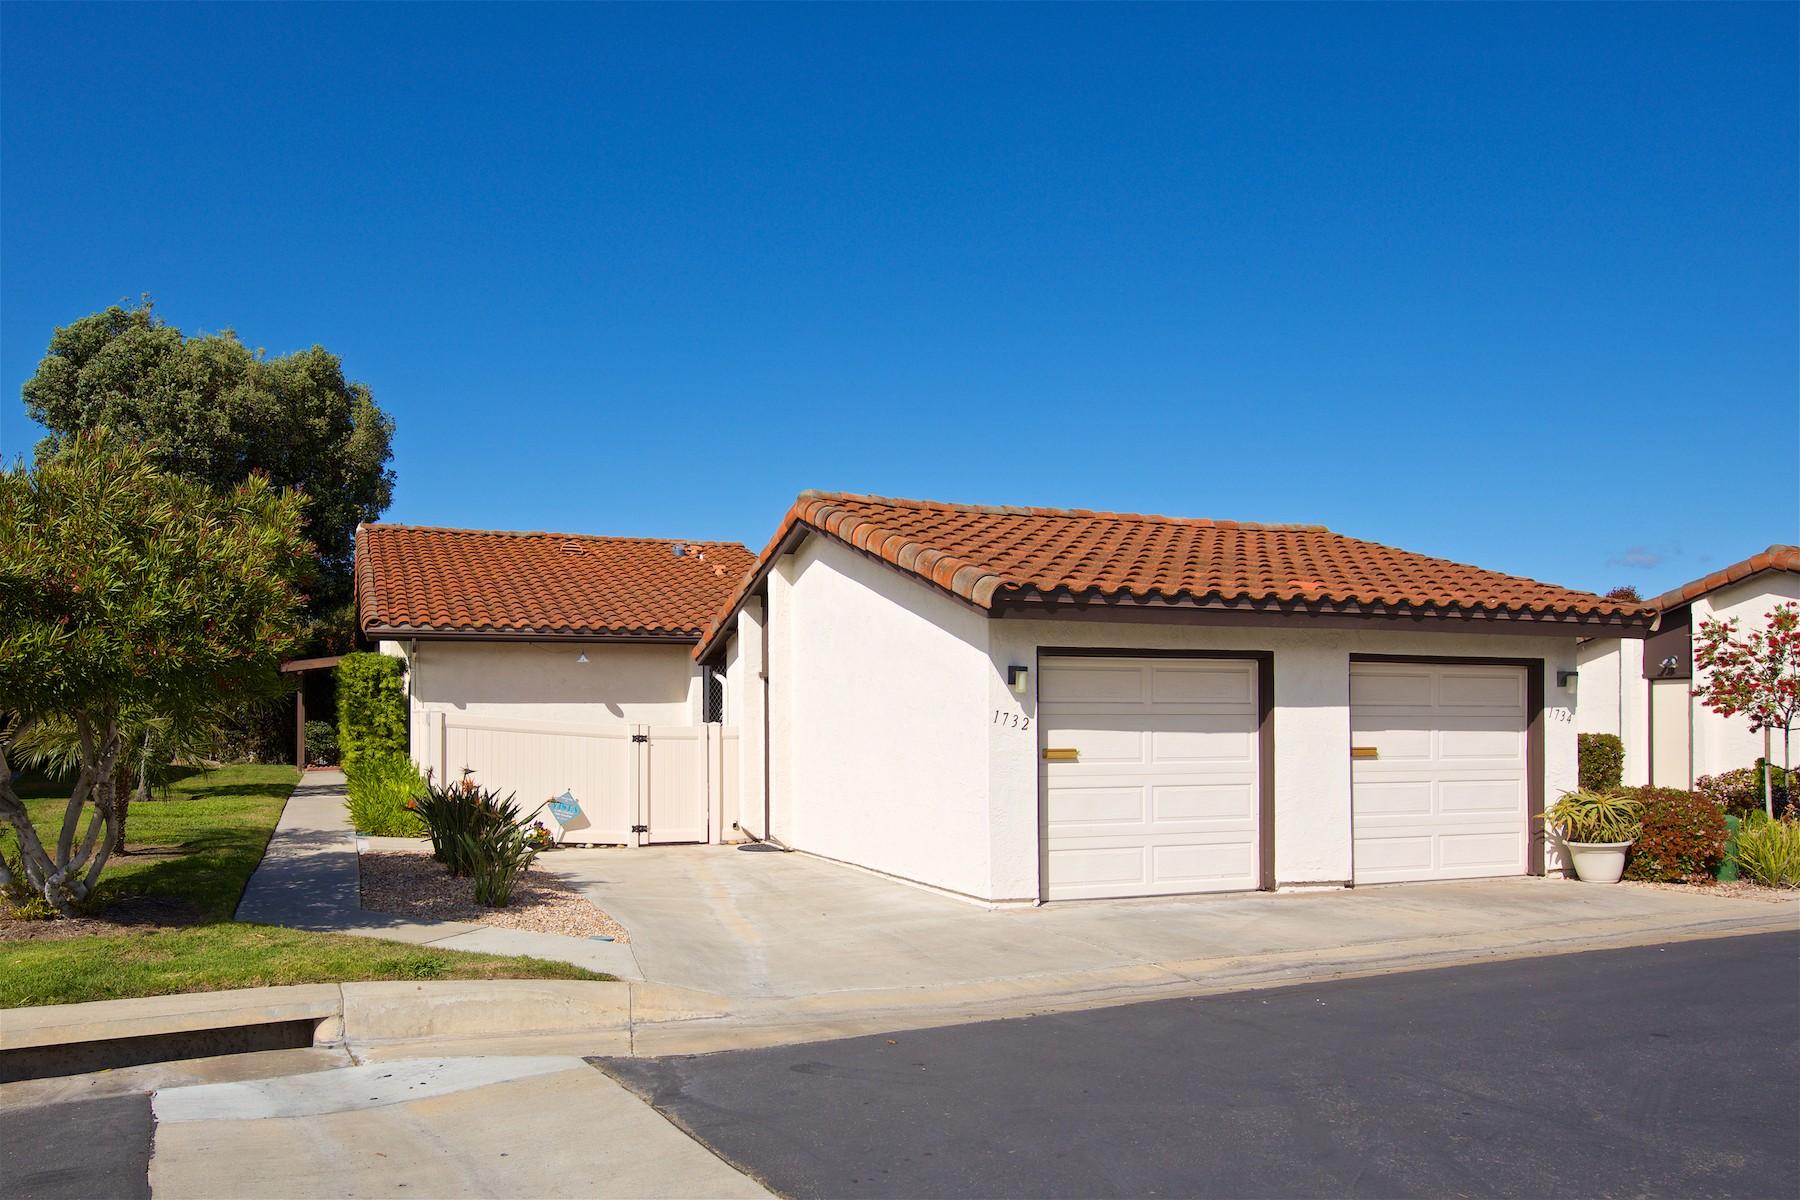 コンドミニアム のために 売買 アット Belle Meade 1732 Belle Meade Rd Encinitas, カリフォルニア, 92037 アメリカ合衆国